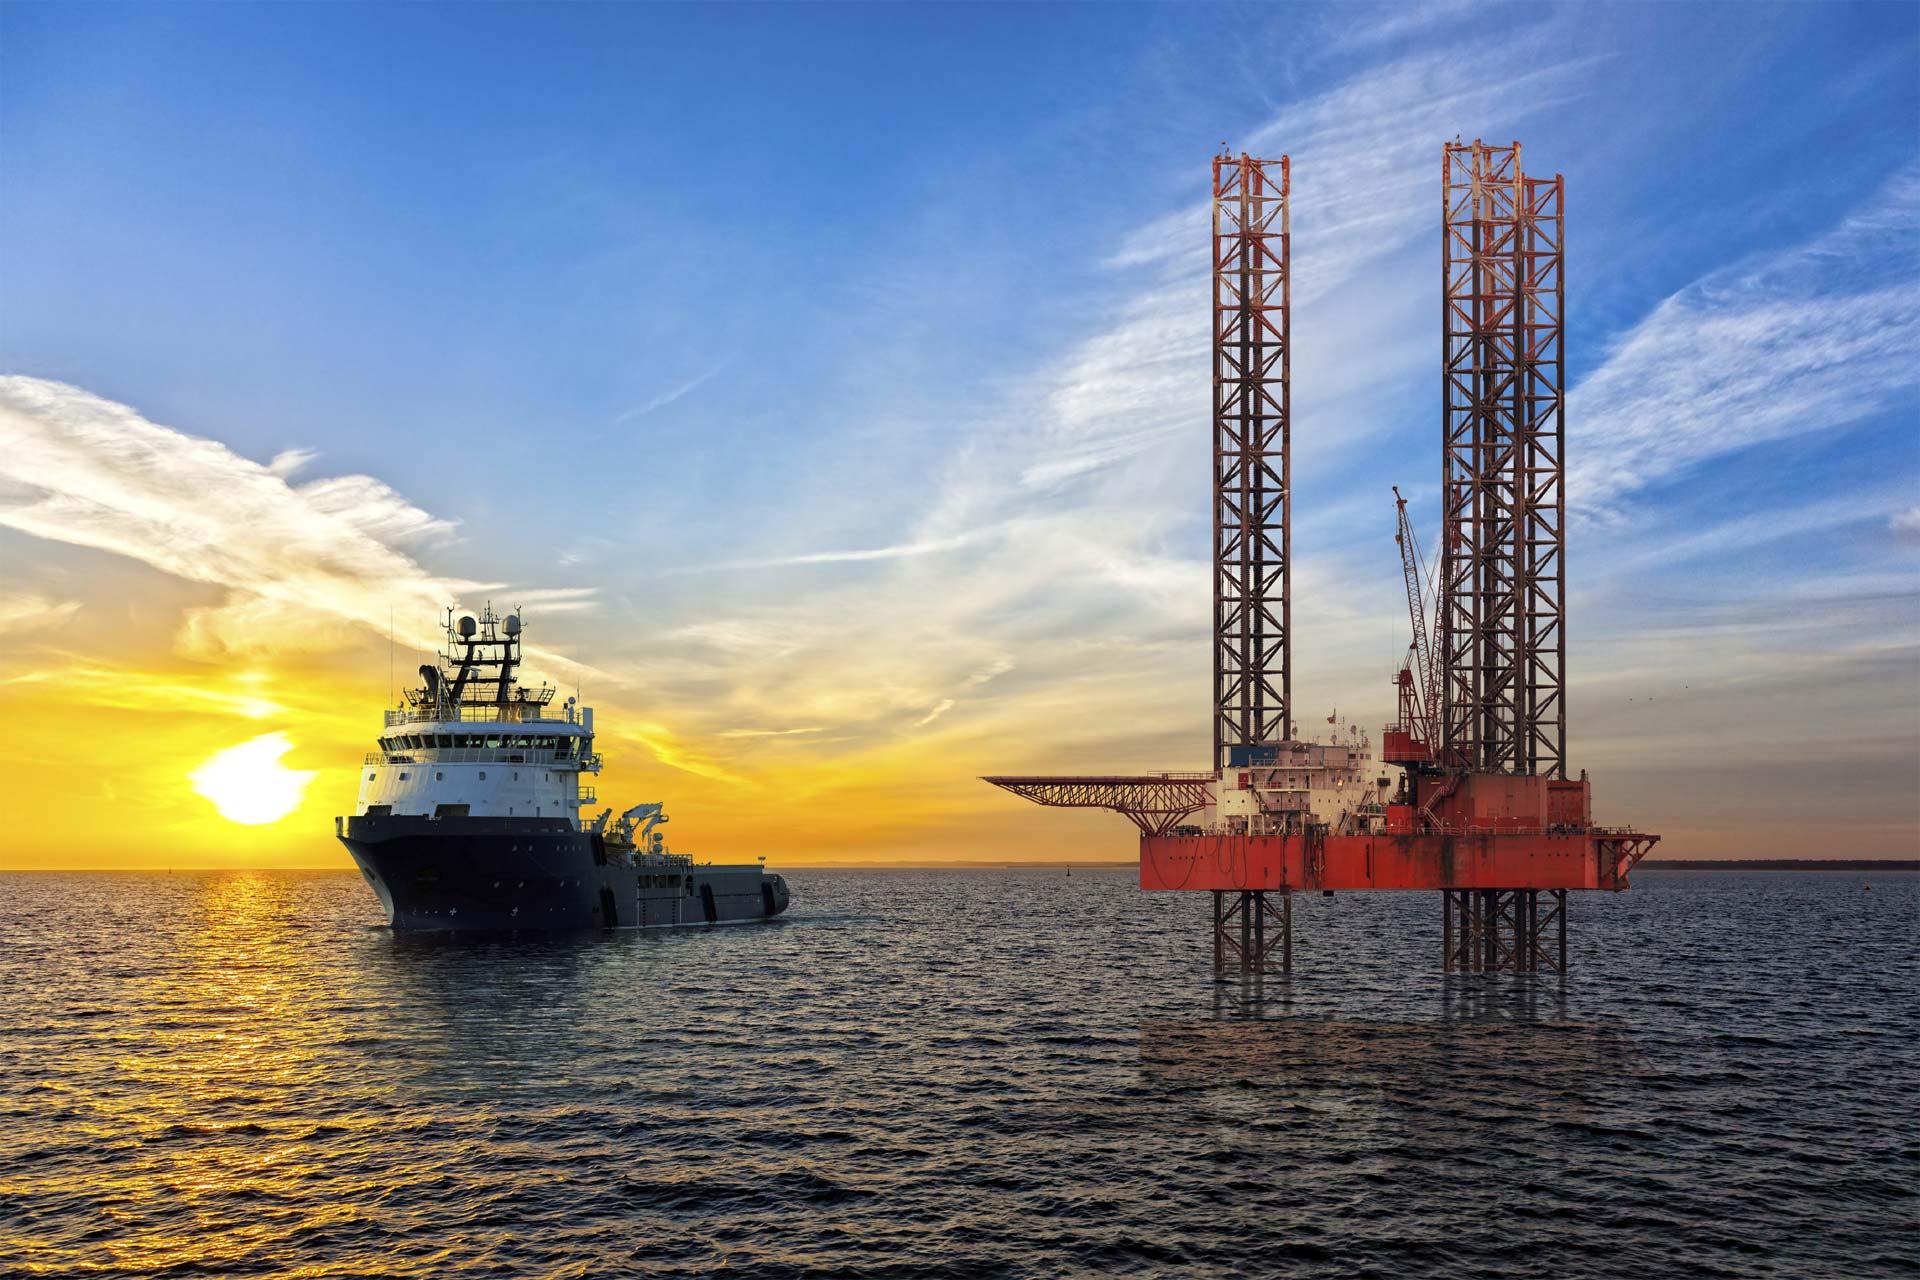 Este lunes se produjo un alza, debido a la posibilidad de que la OPEP reduzca su producción